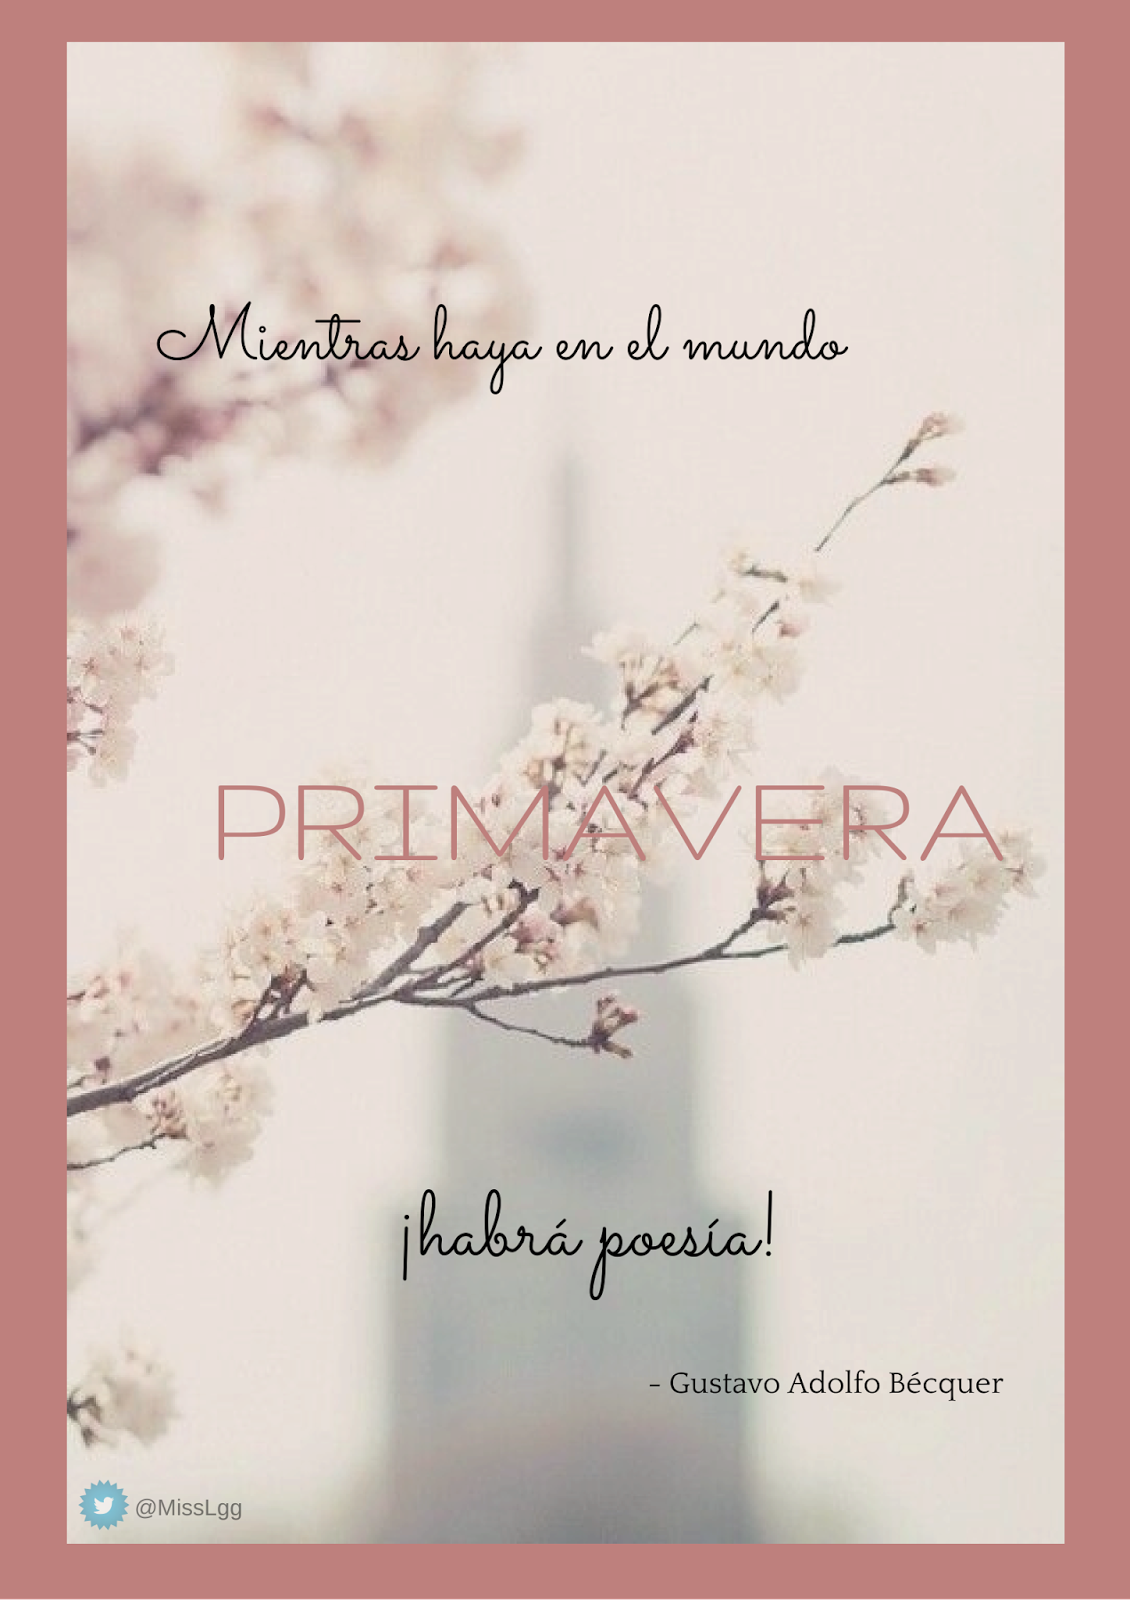 Frases de primavera - Gustavo Adolfo Bécquer - Mientras haya en el mundo primavera ¡habrá poesía!